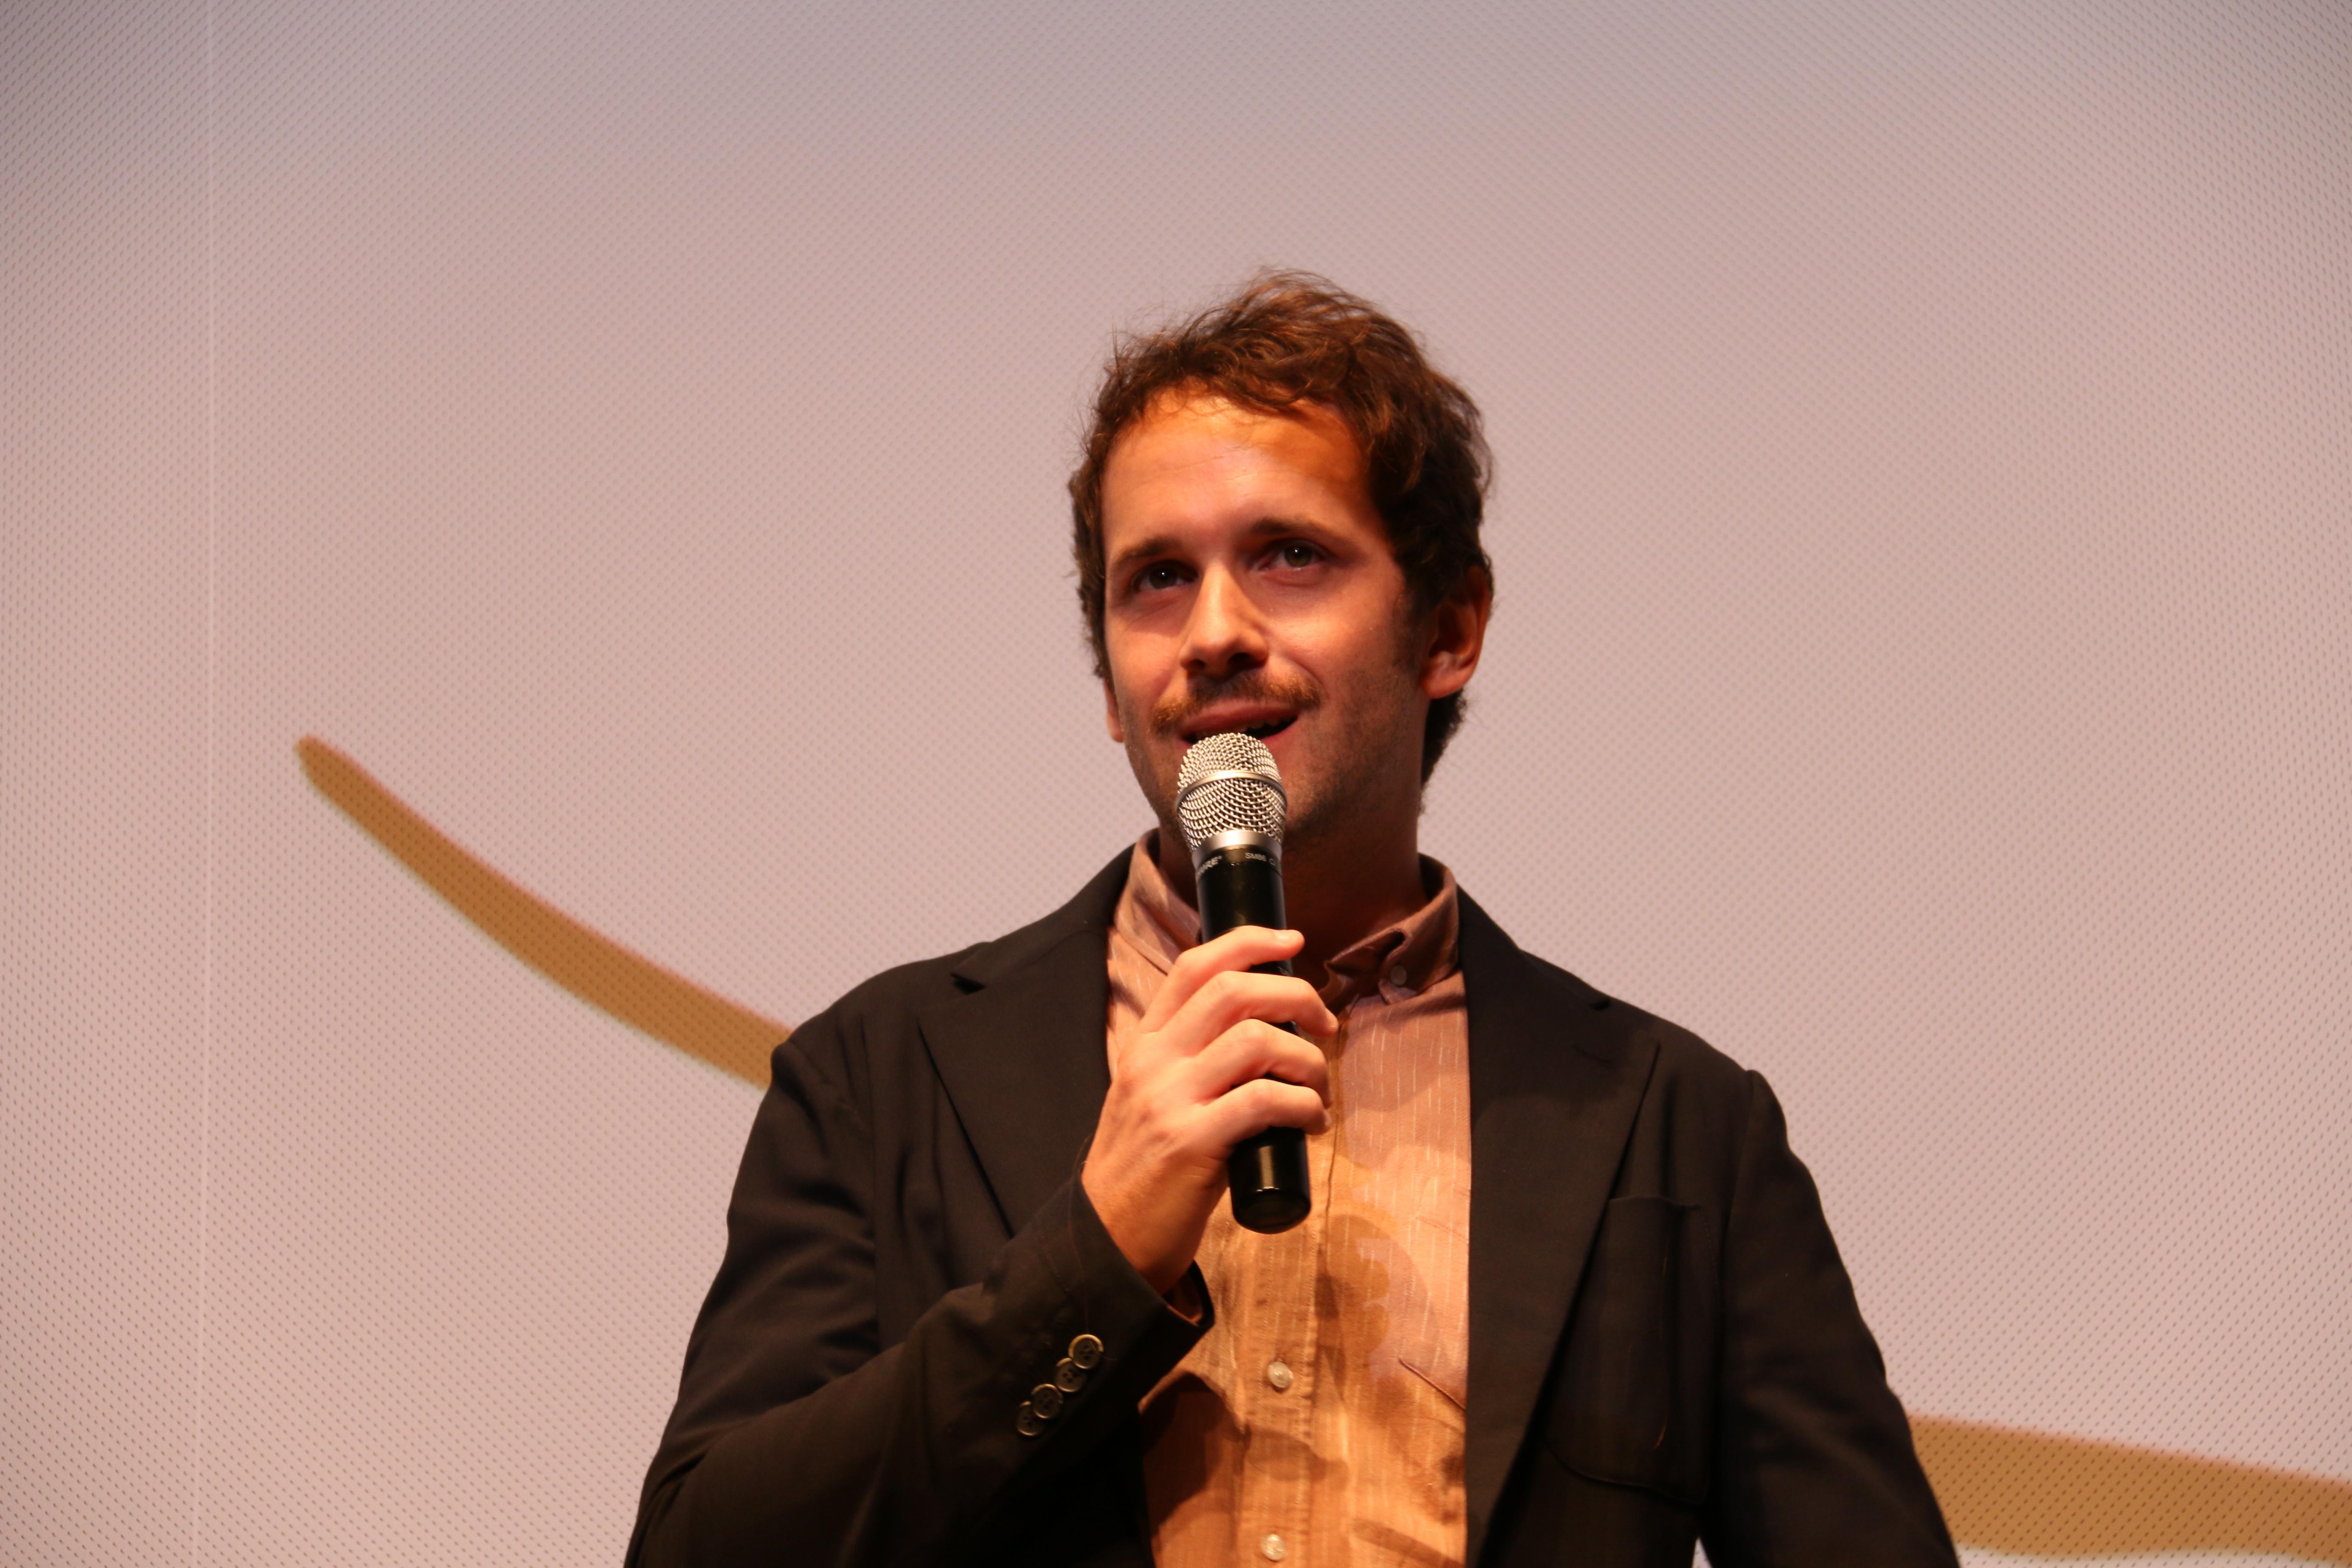 Alberto Gastesi